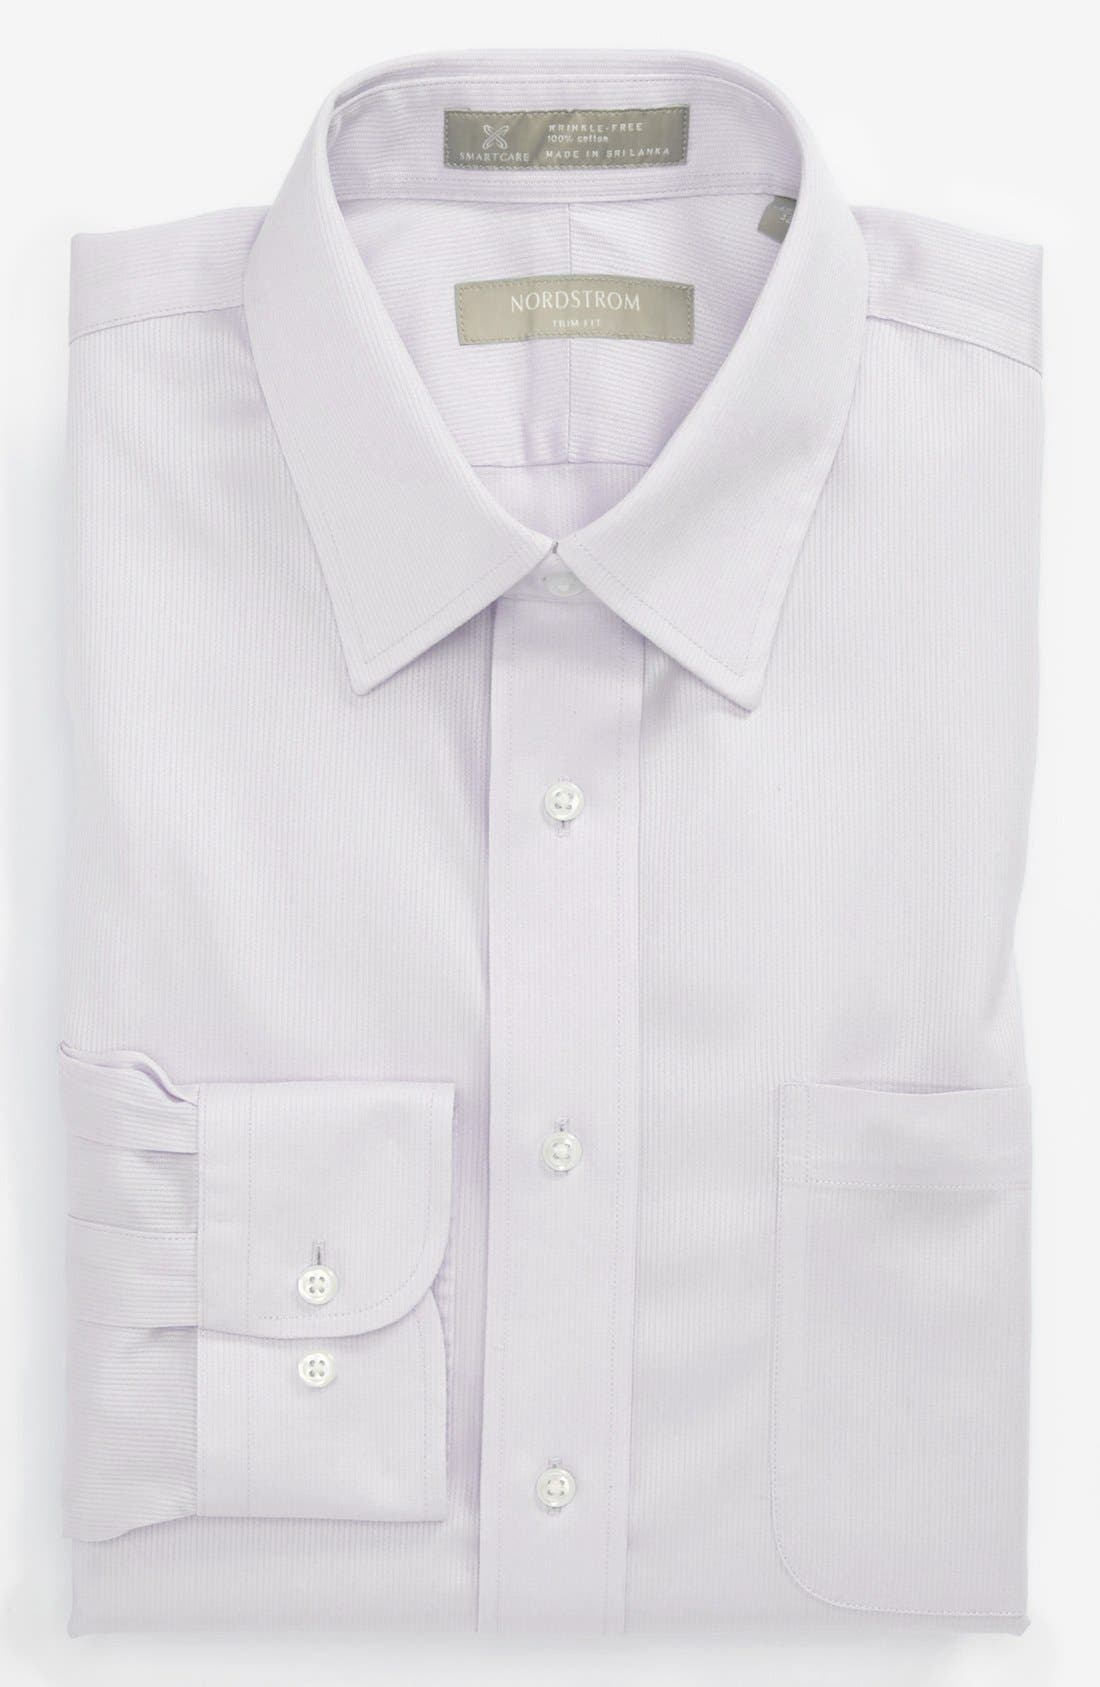 Main Image - Nordstrom Smartcare™ Wrinkle Free Trim Fit Stripe Dress Shirt